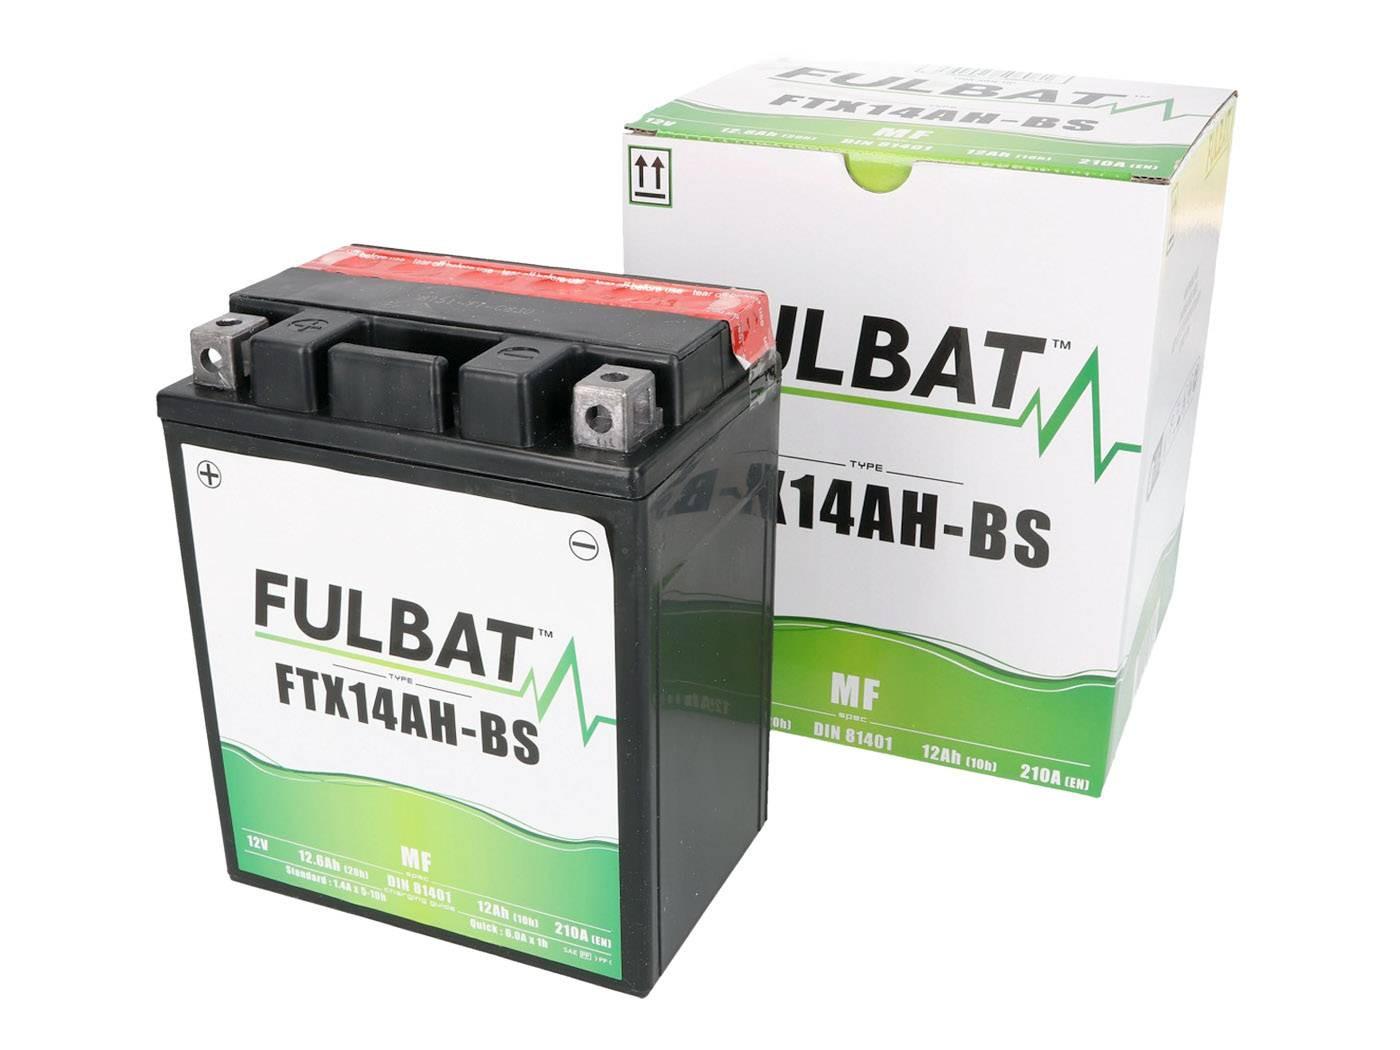 Fulbat FTX14AH-BS MF gondozásmentes akkumulátor